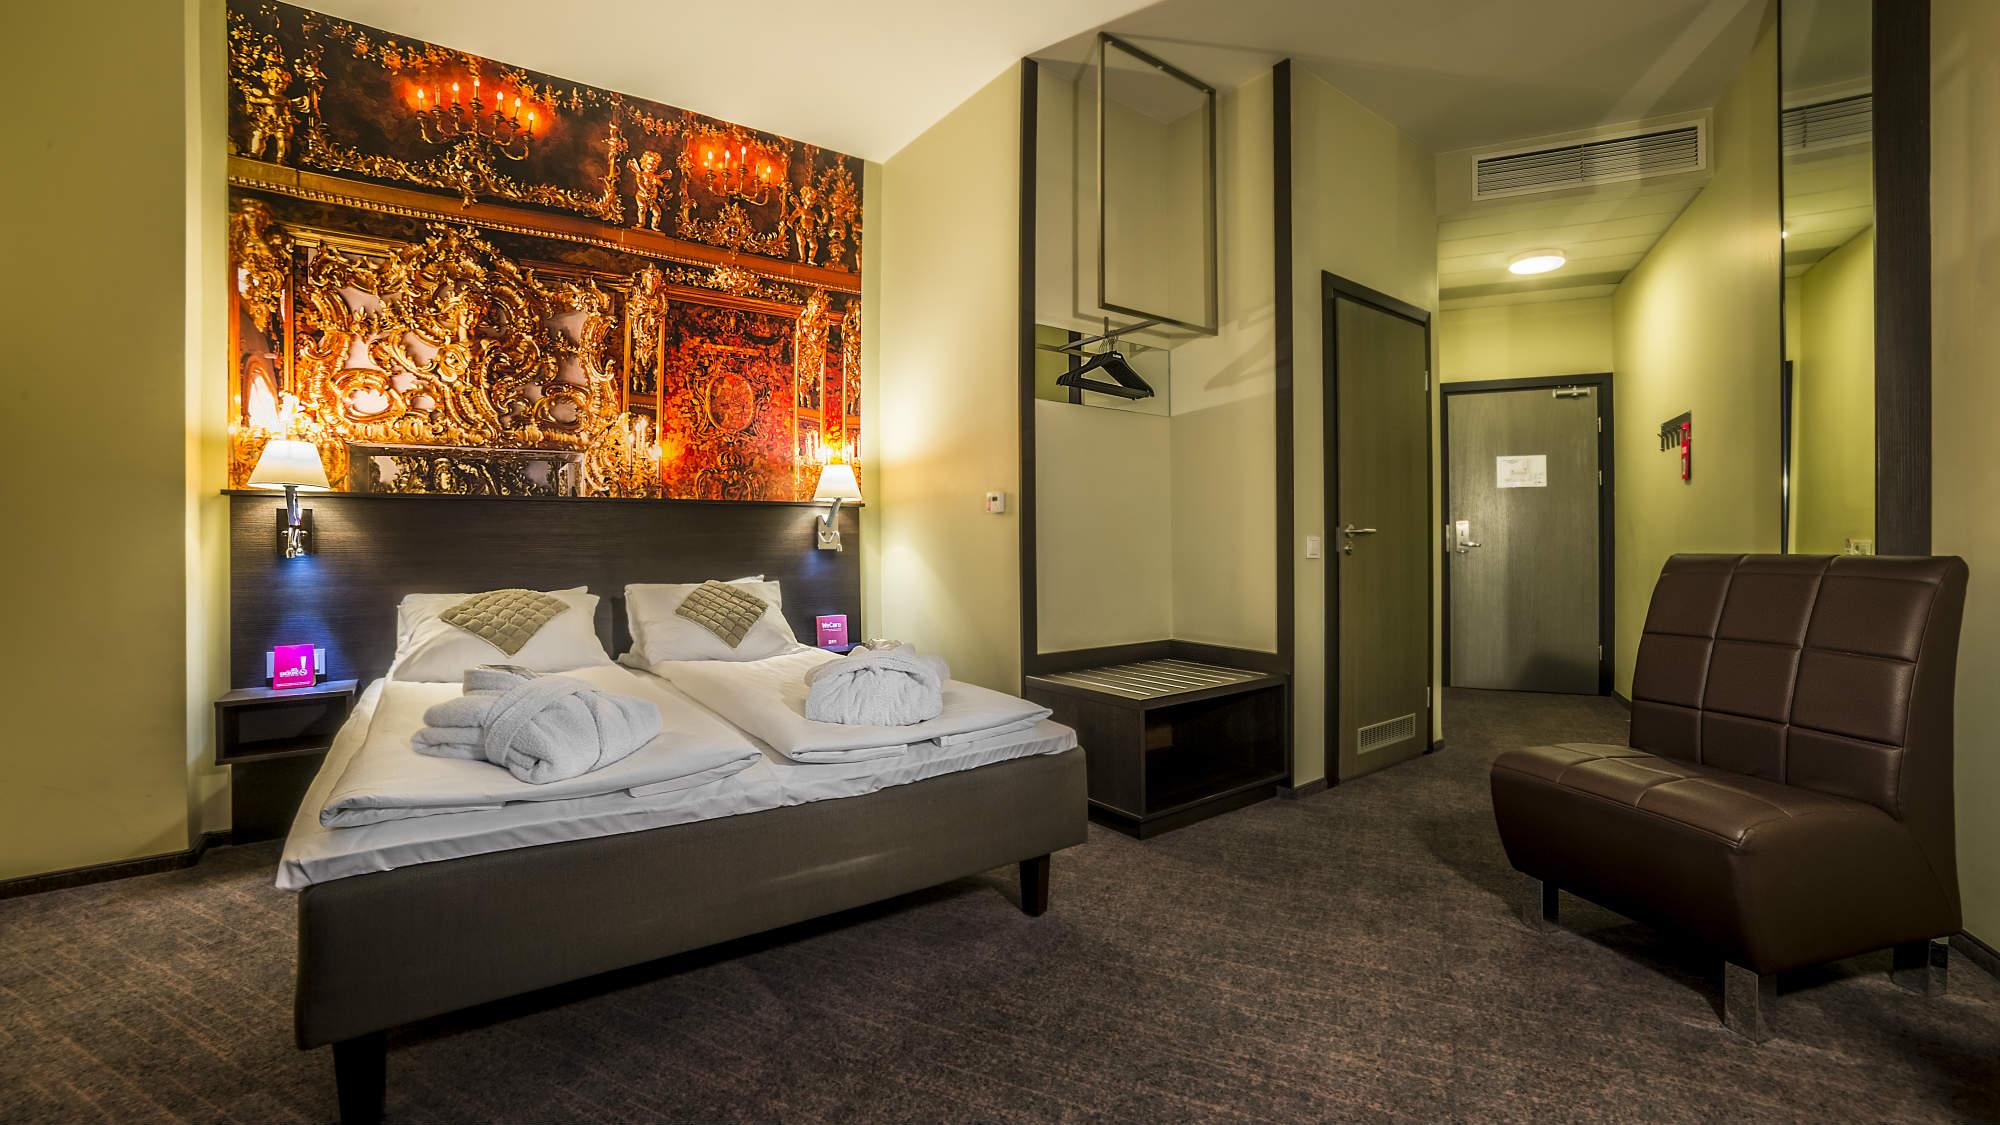 Rock N Roll Bedroom Hotel Vilnius I Comfort Hotel Lt I Official Webpage